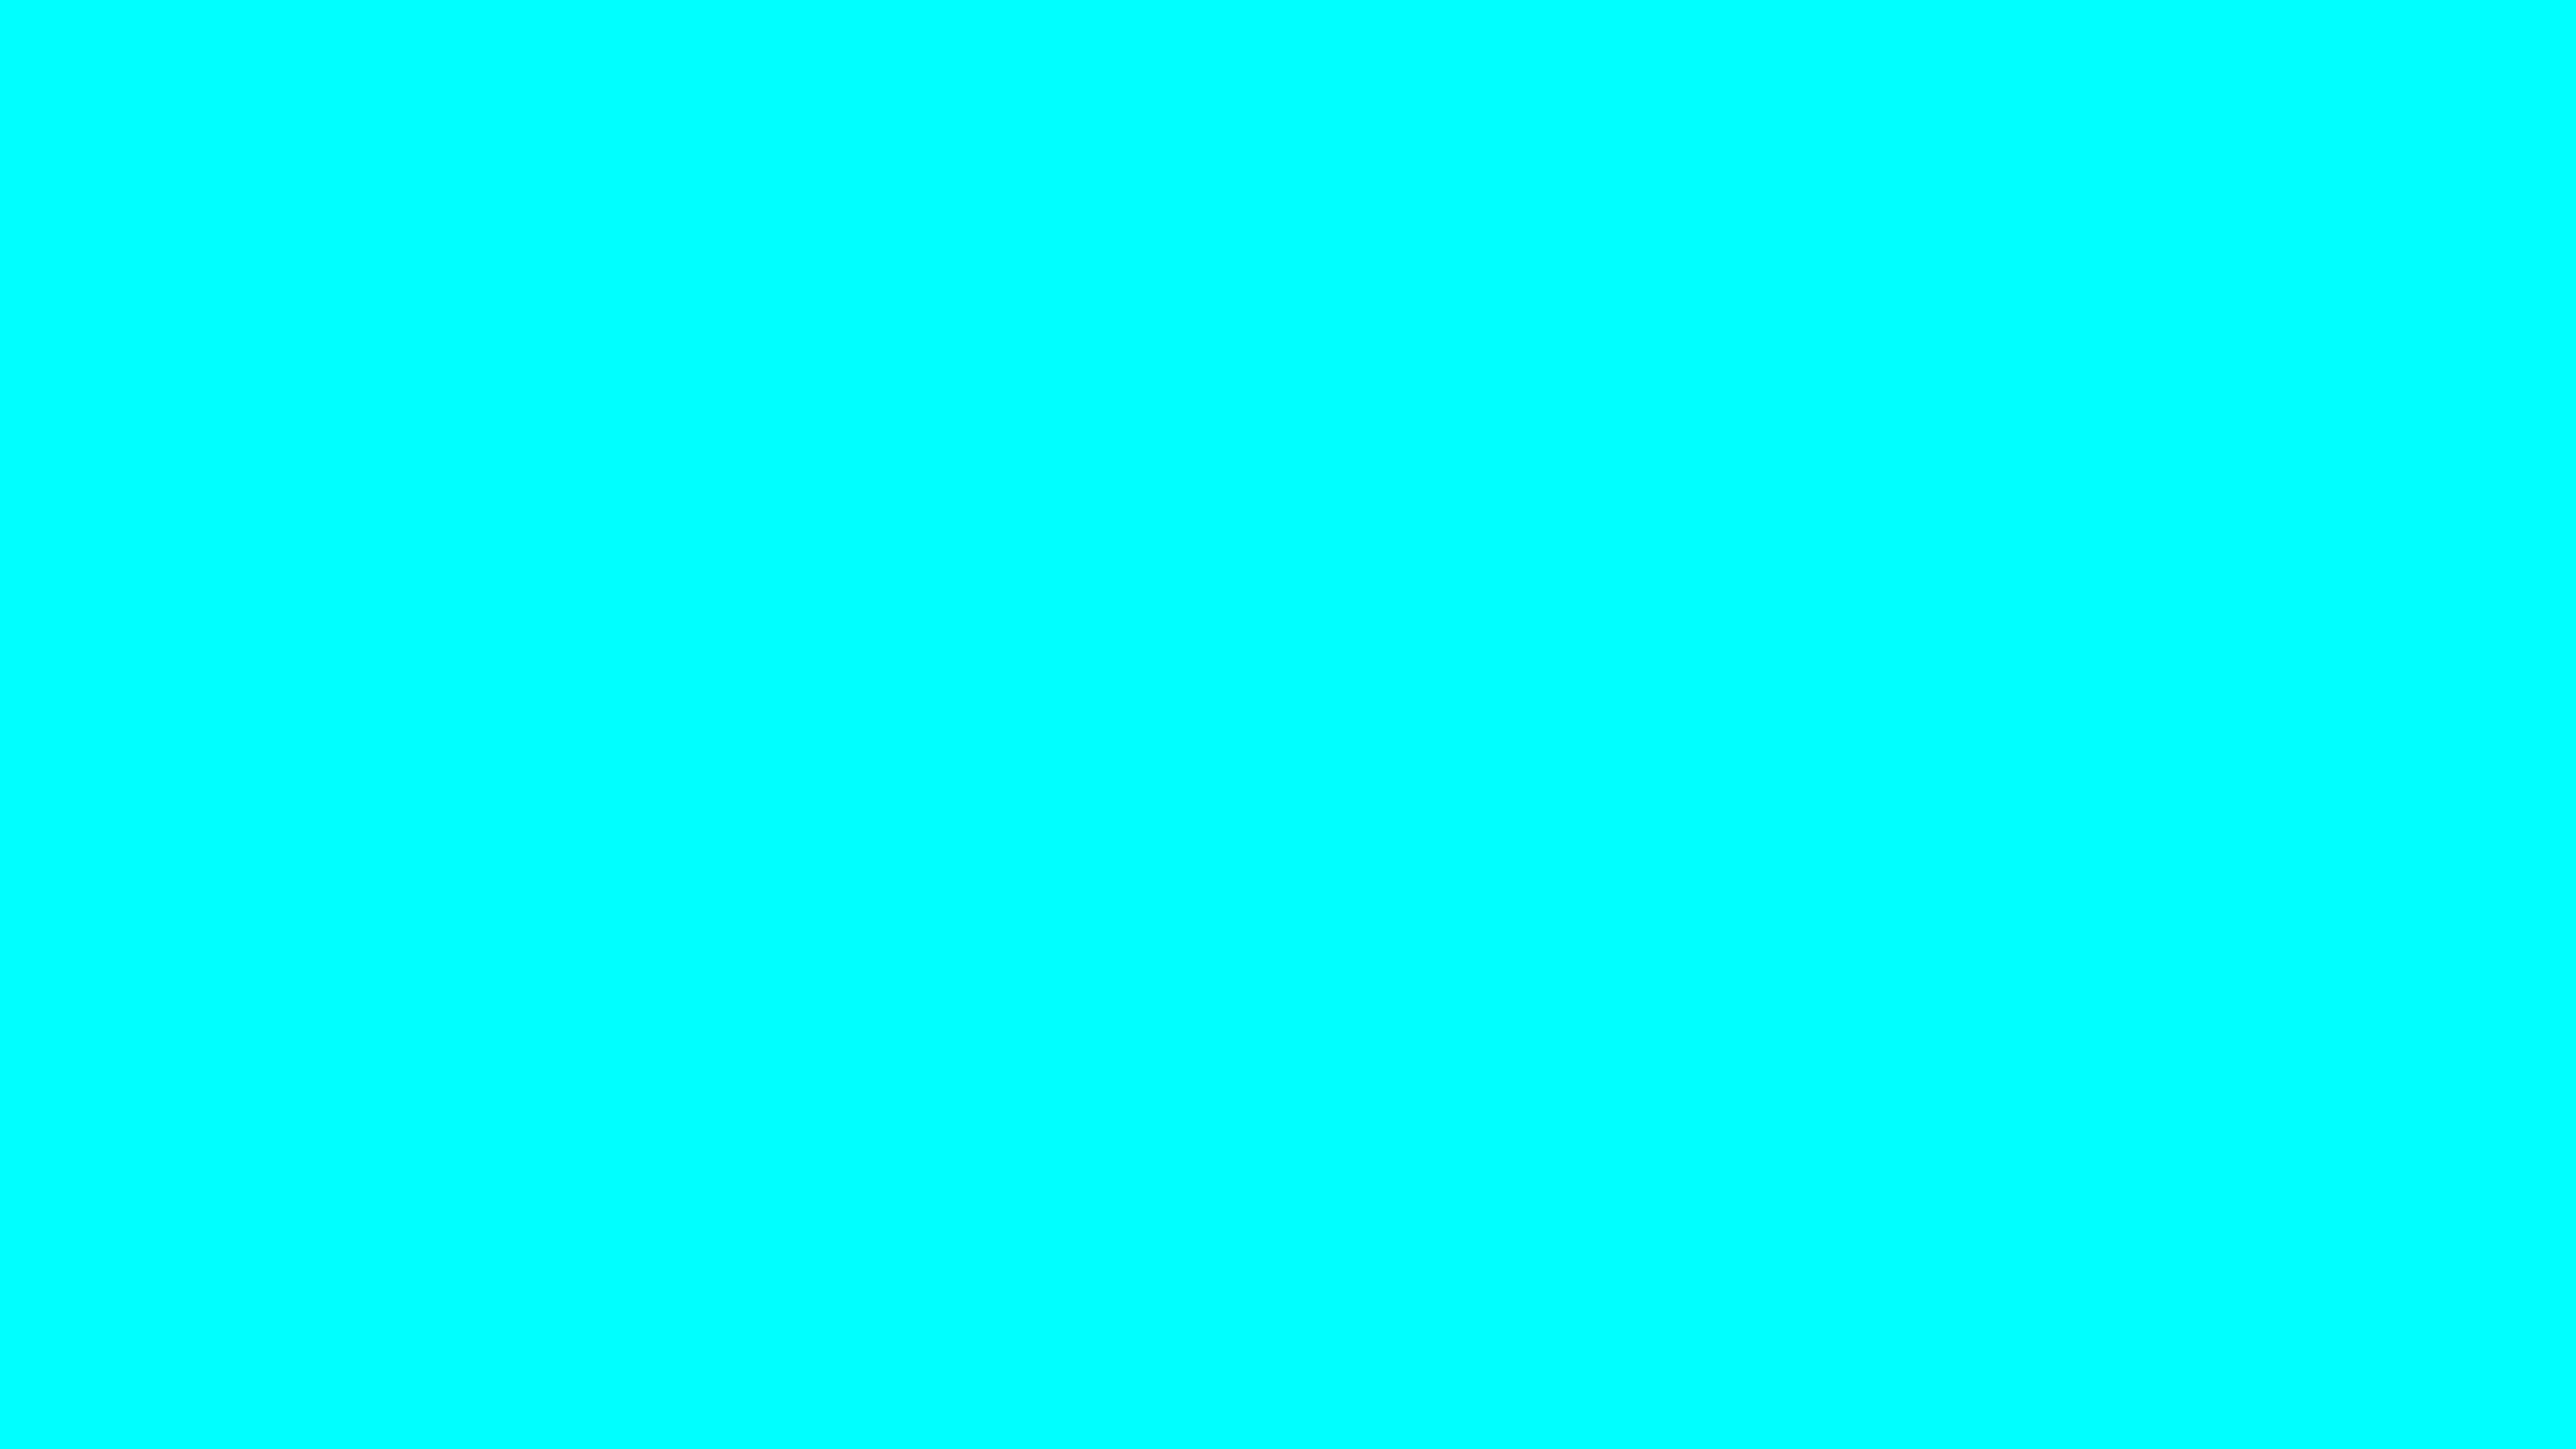 5120x2880 Aqua Solid Color Background